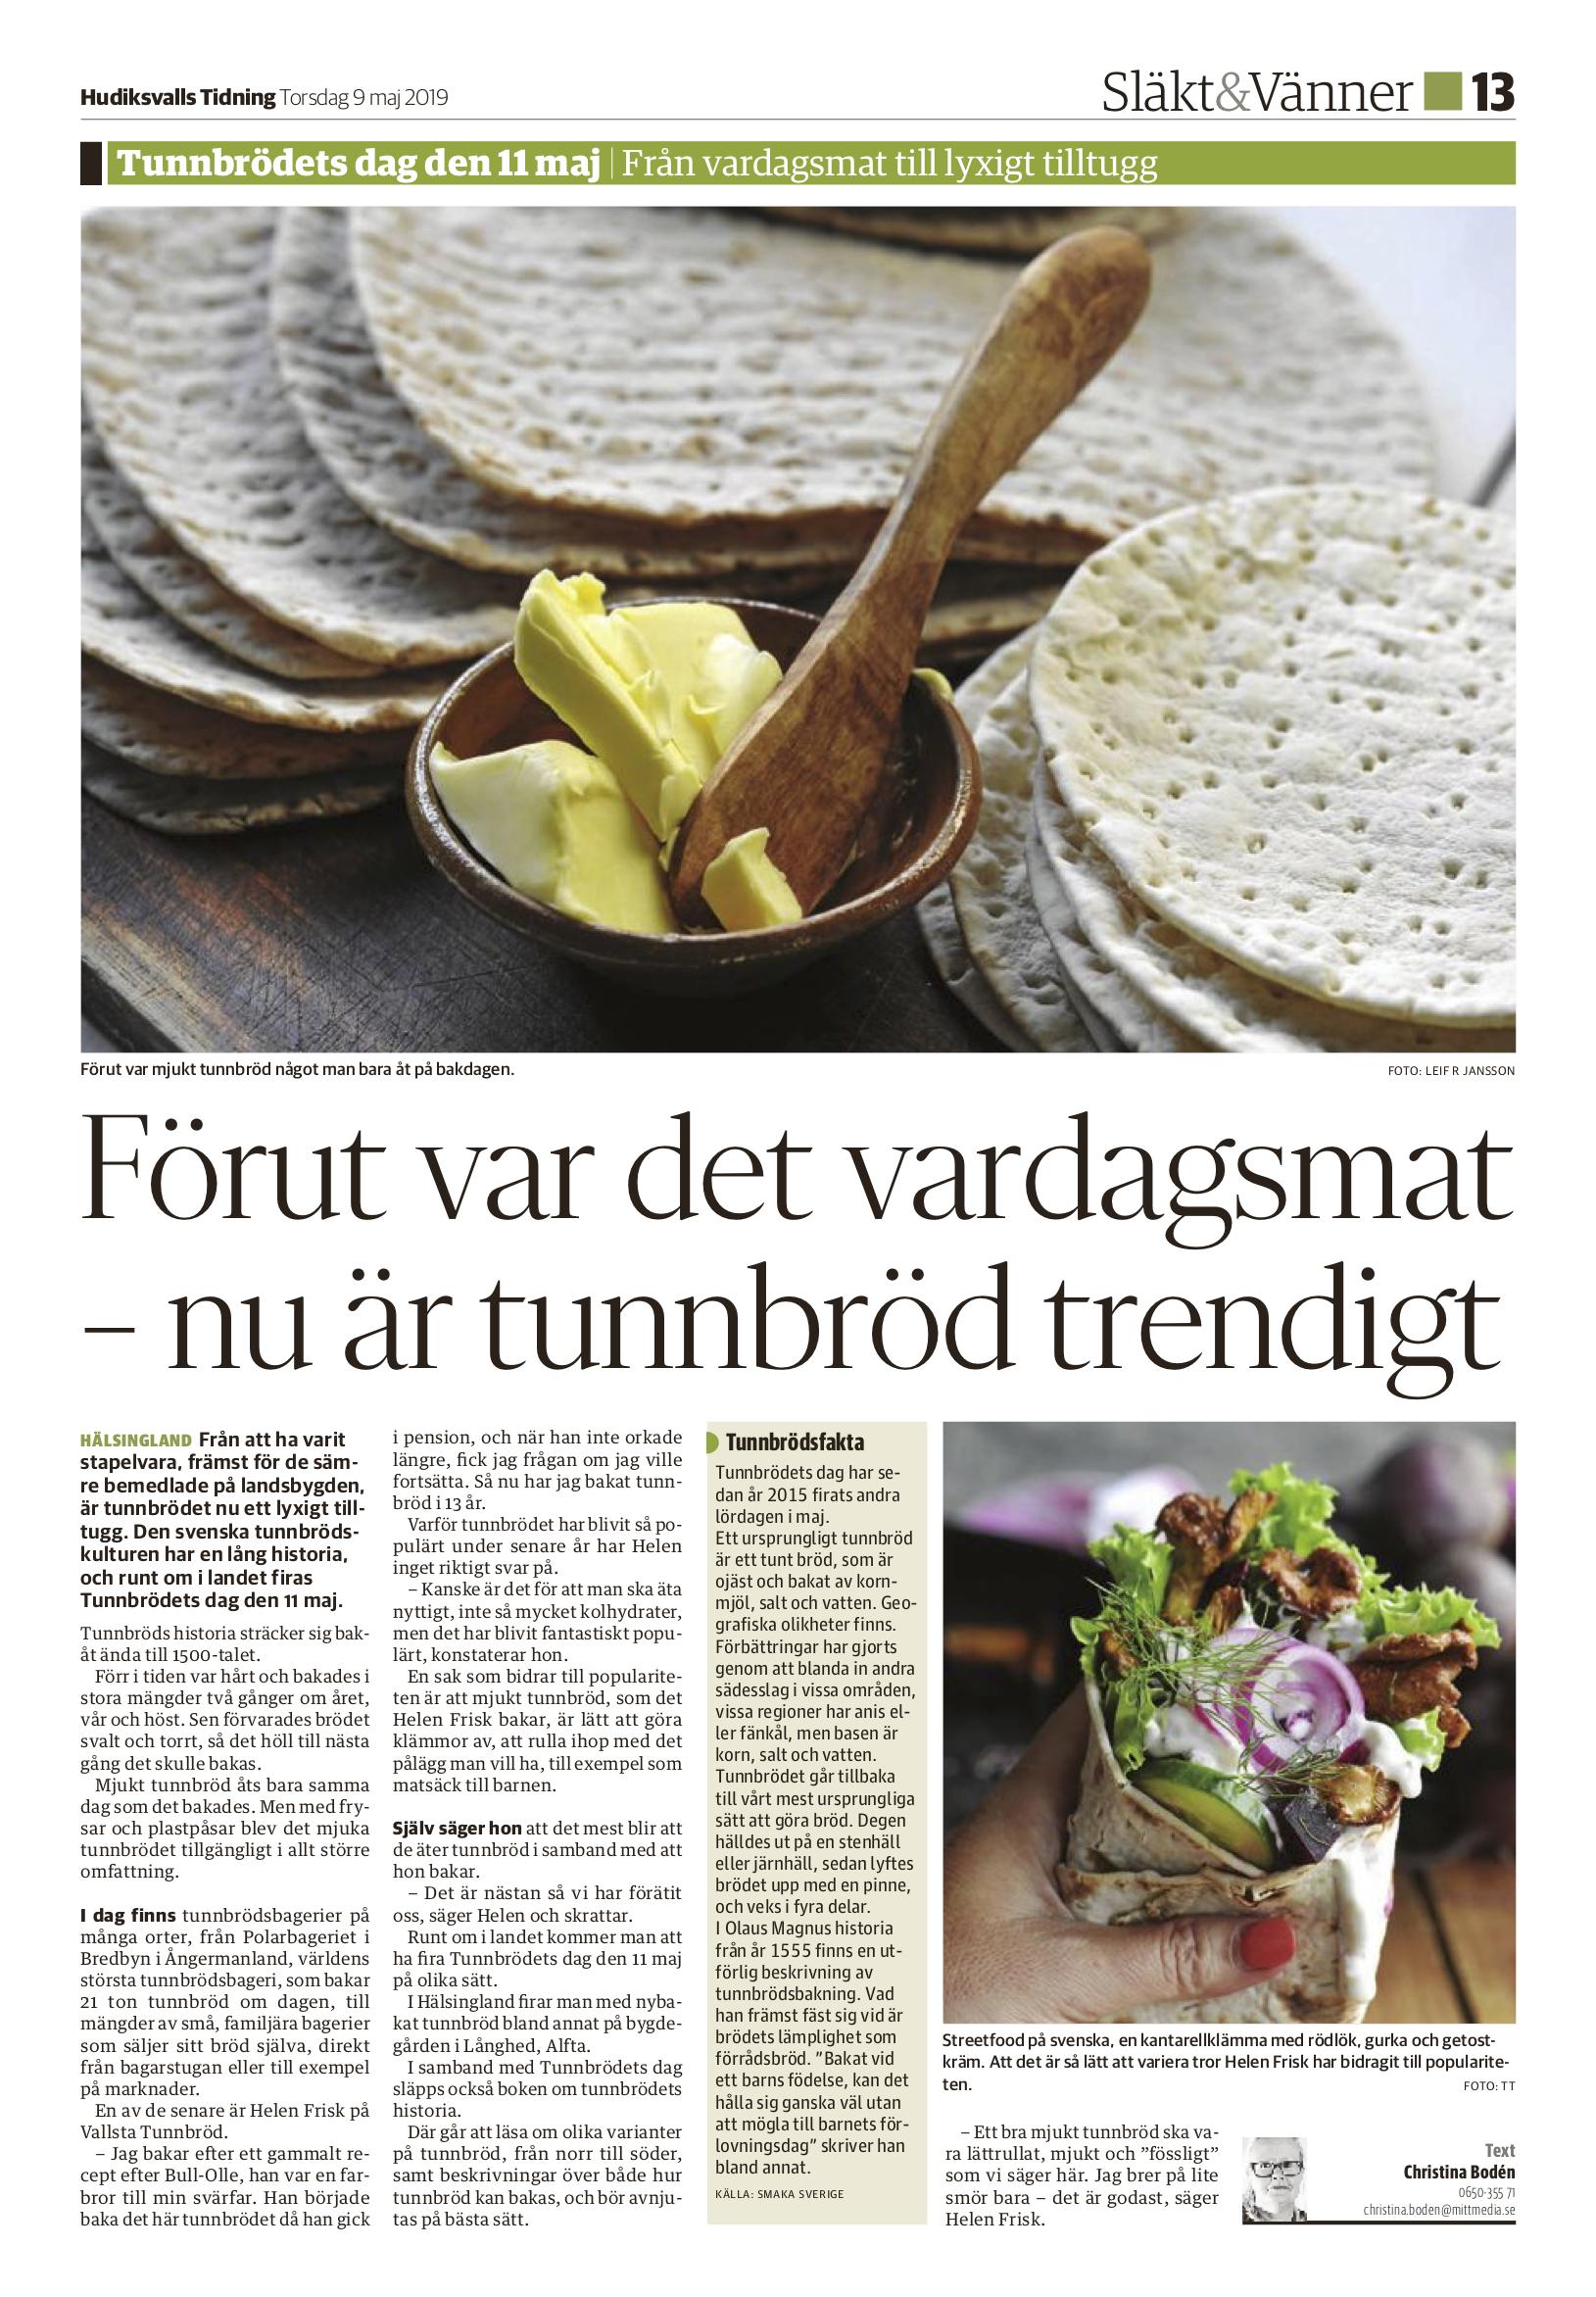 Hudiksvalls Tidning 2019-05-09